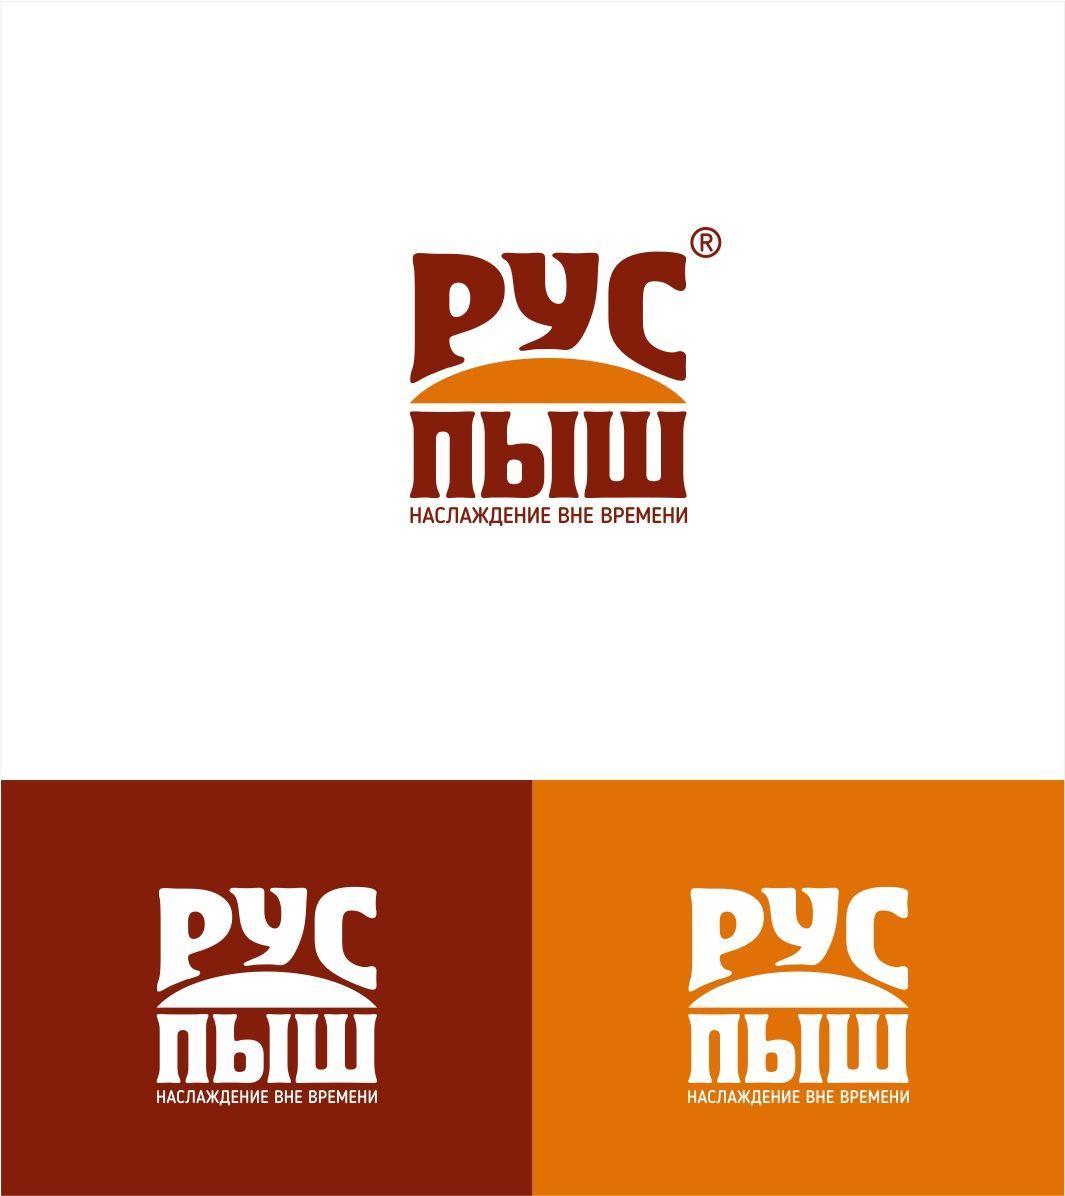 Логотип для РУСПЫШ - дизайнер kras-sky